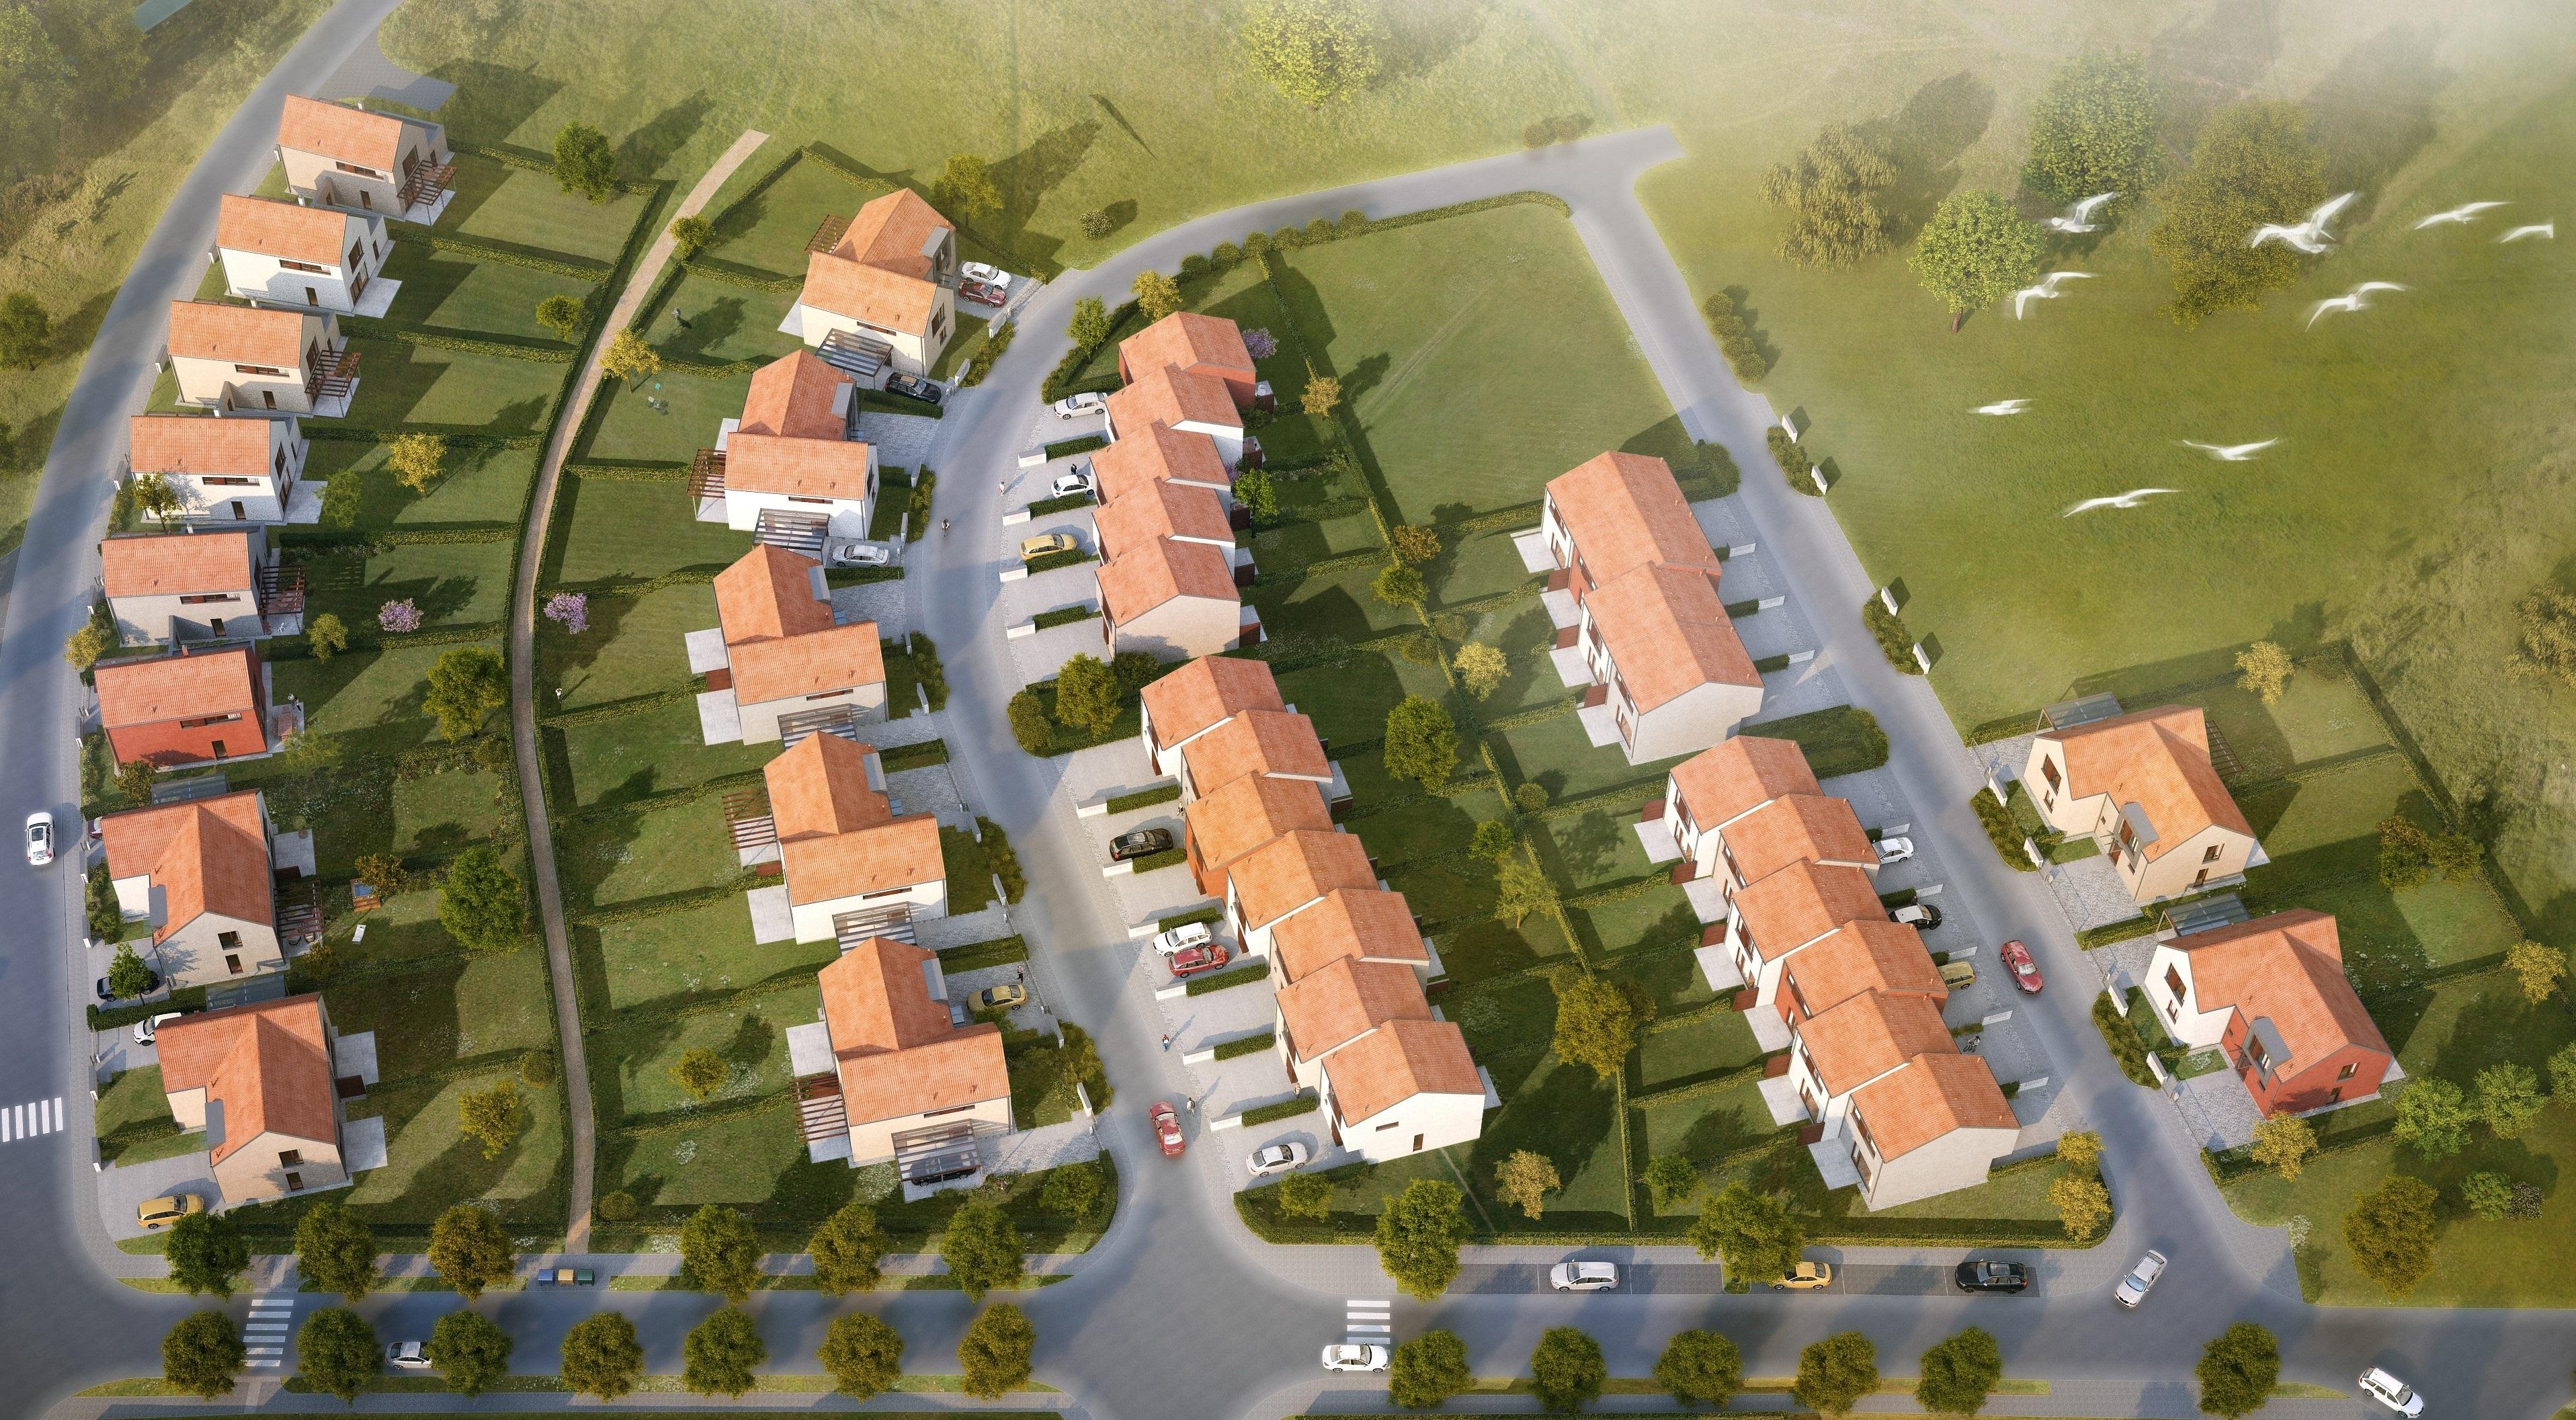 Sháníte rodinné domy u Prahy? Pospěšte si, 50 % jich je prodáno